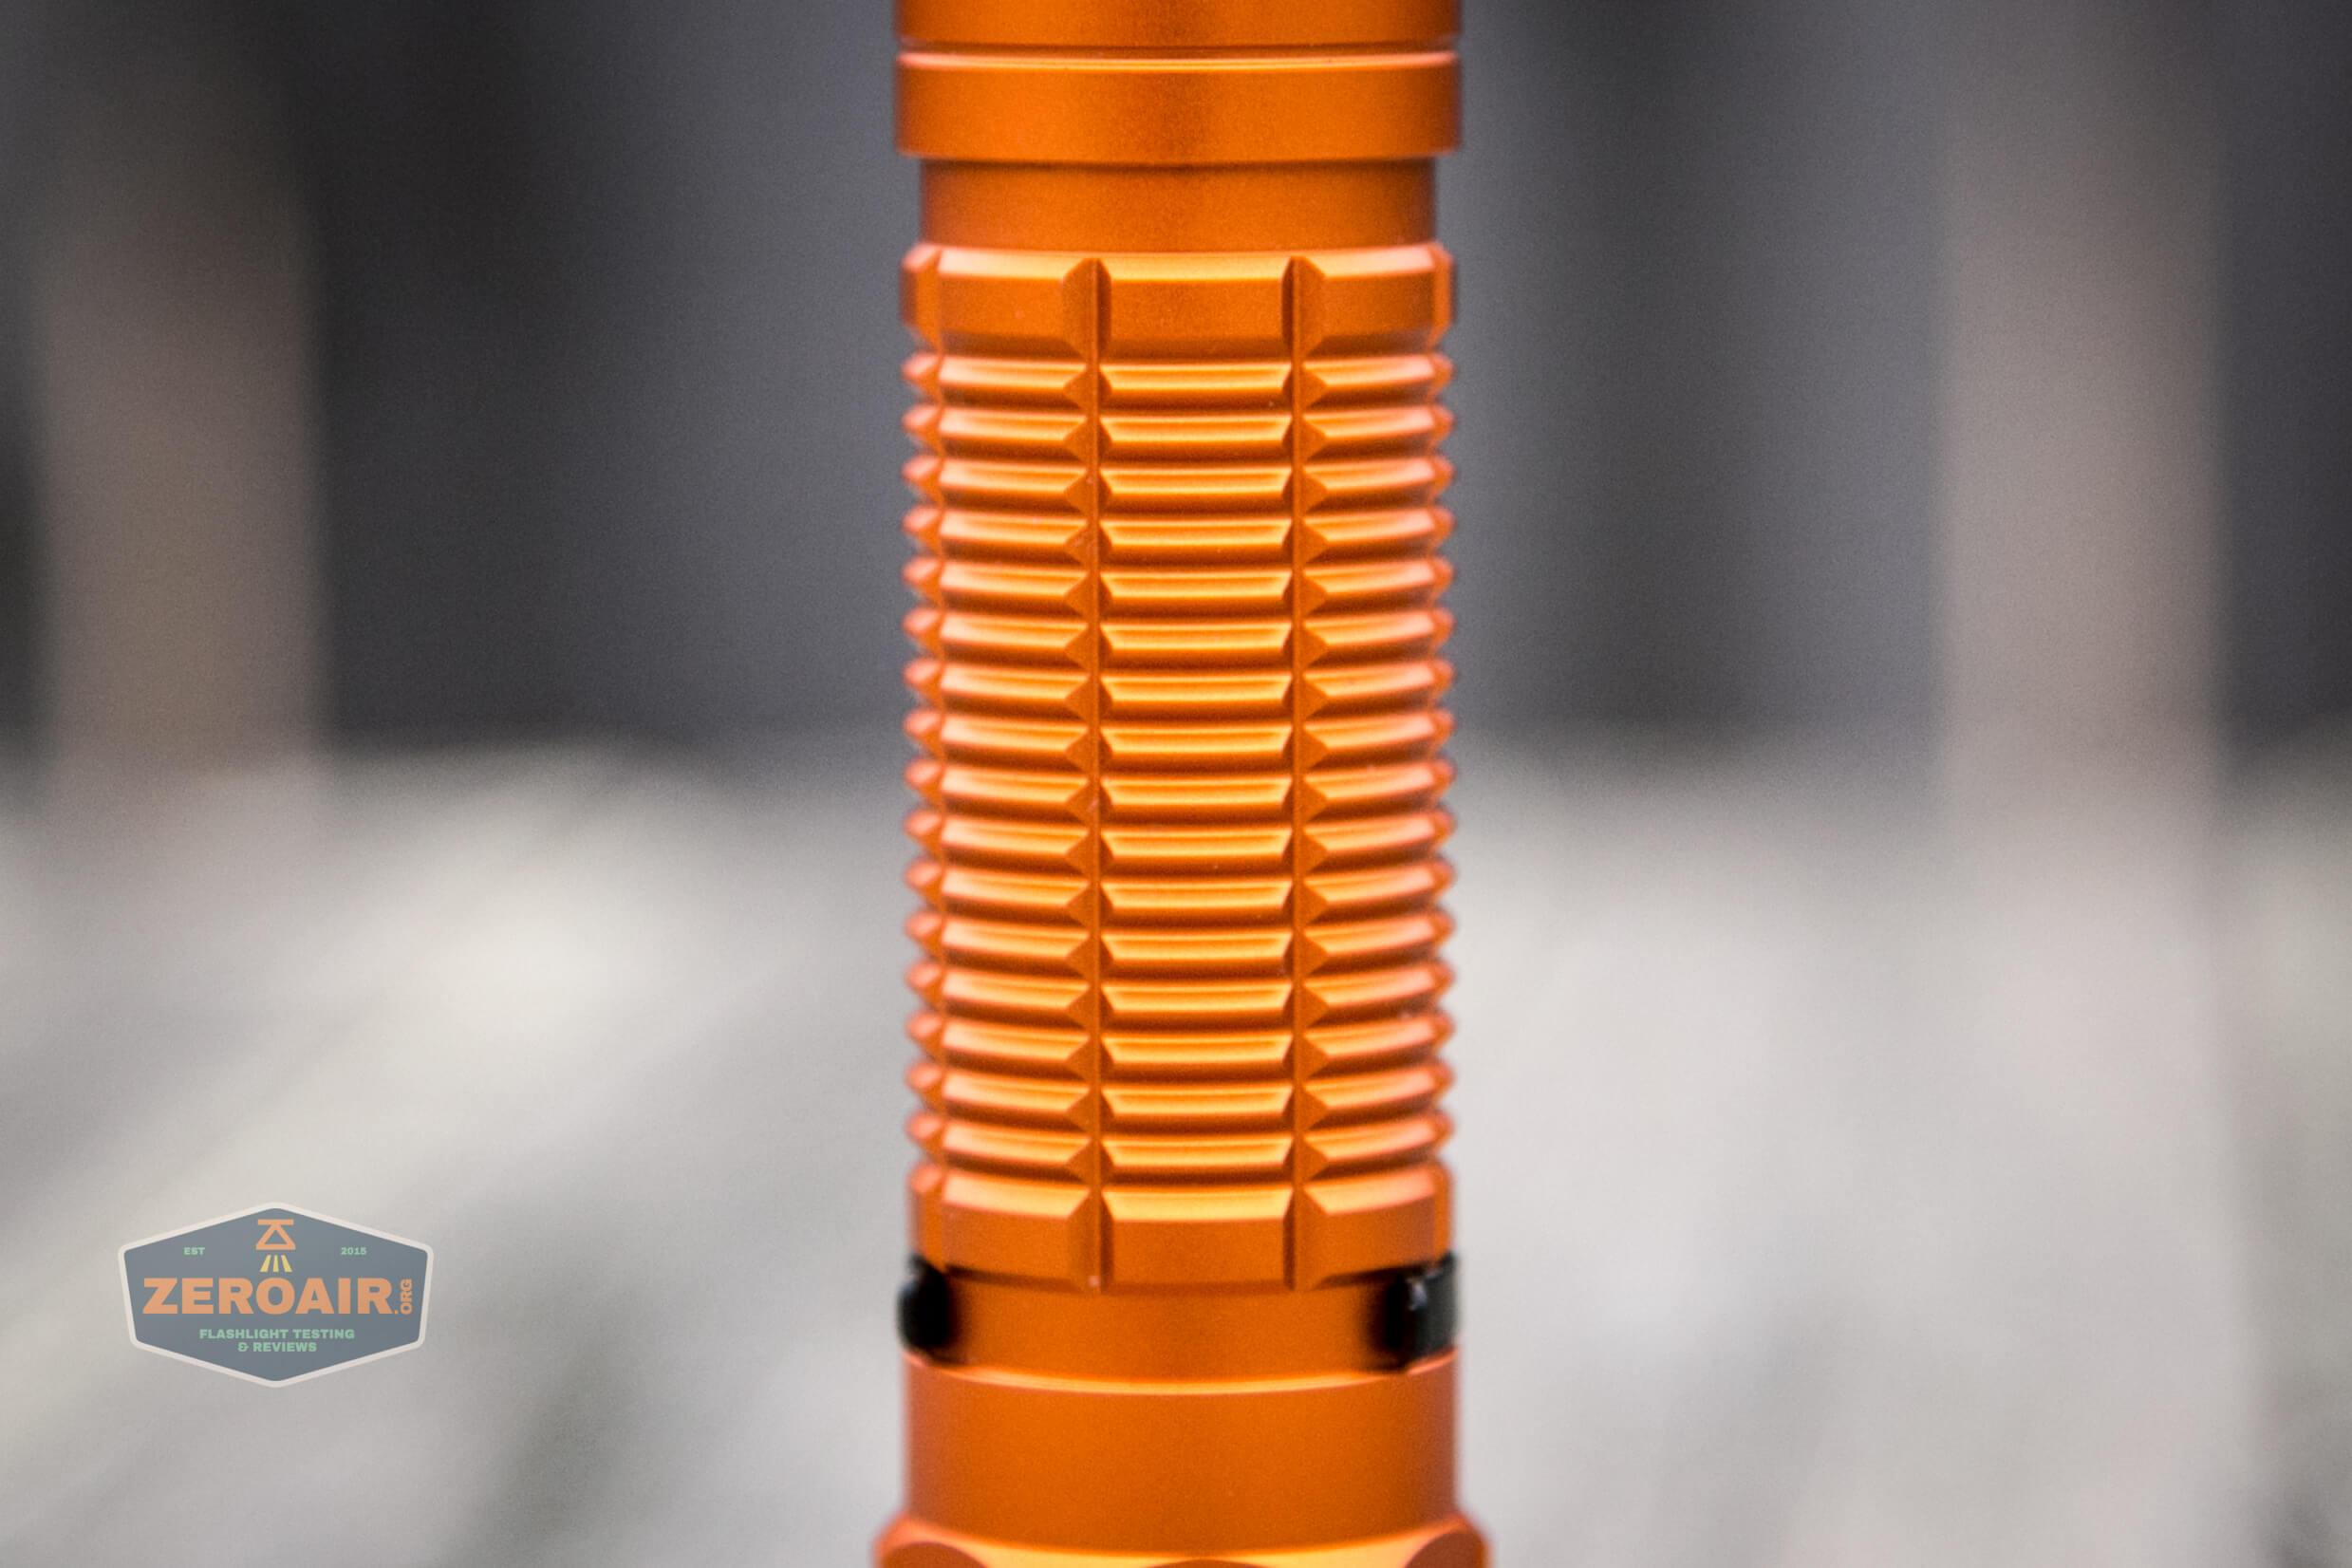 Olight M2R Pro Warrior Orange body detail